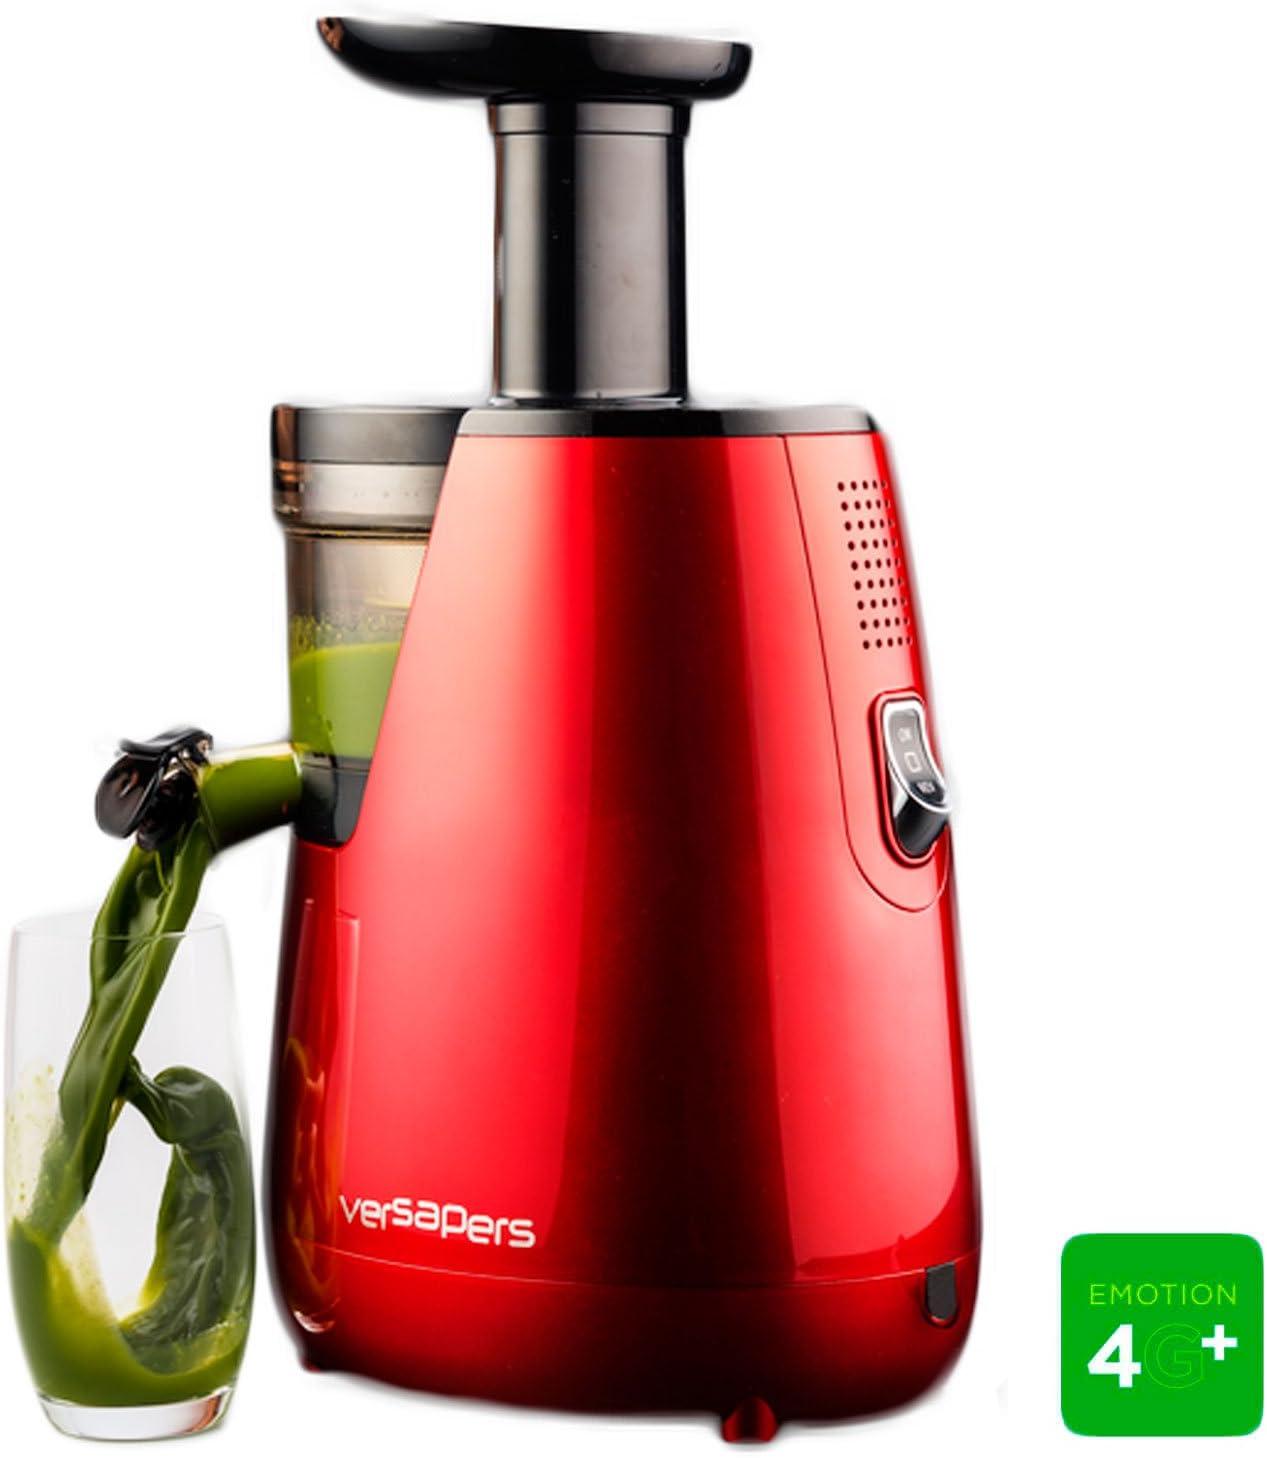 Versapers - Extractor de zumos, color rojo: Amazon.es: Hogar